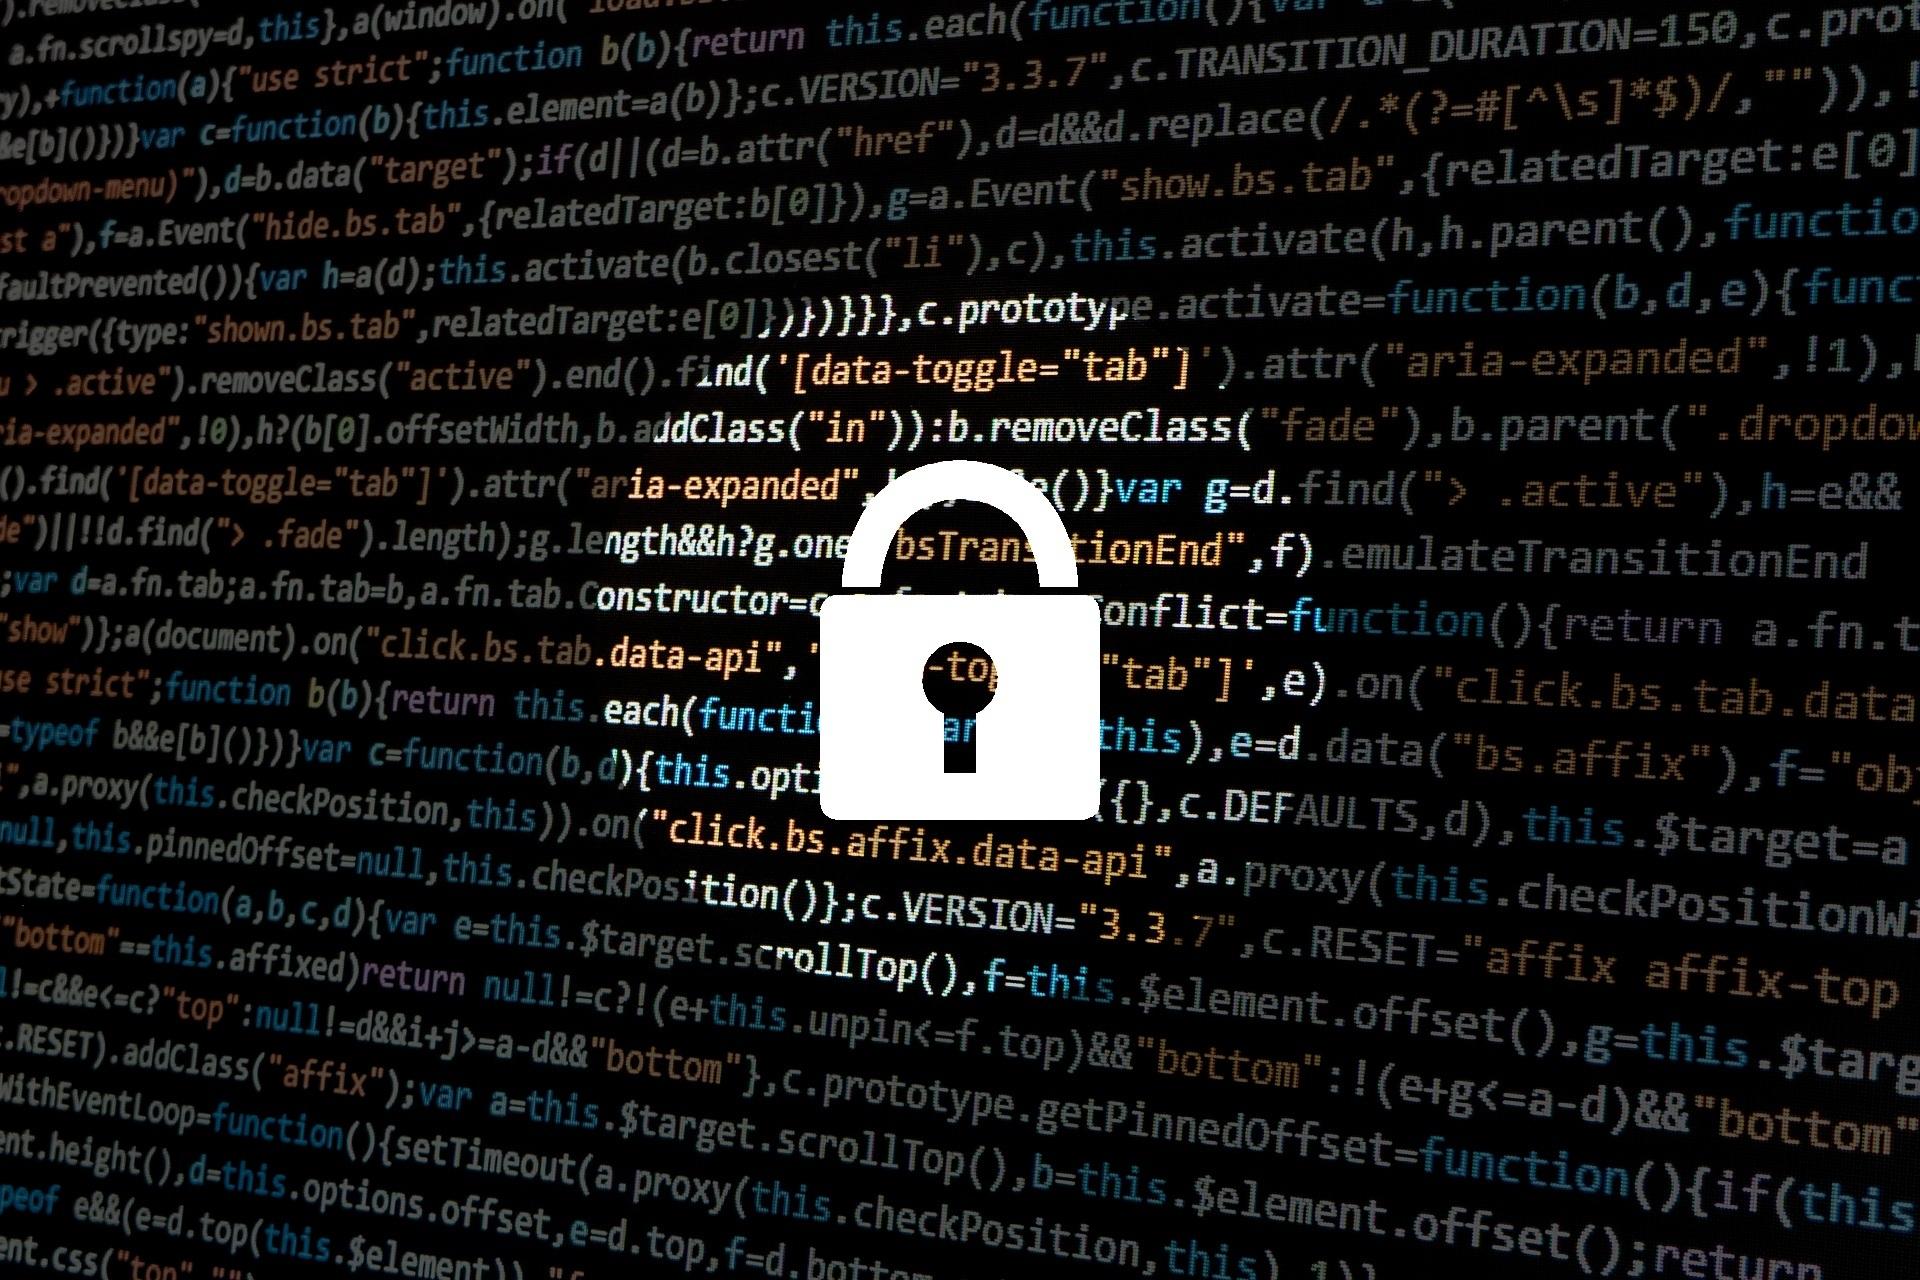 Provedor deve fornecer porta lógica para identificar usuário acusado de atividade irregular na internet